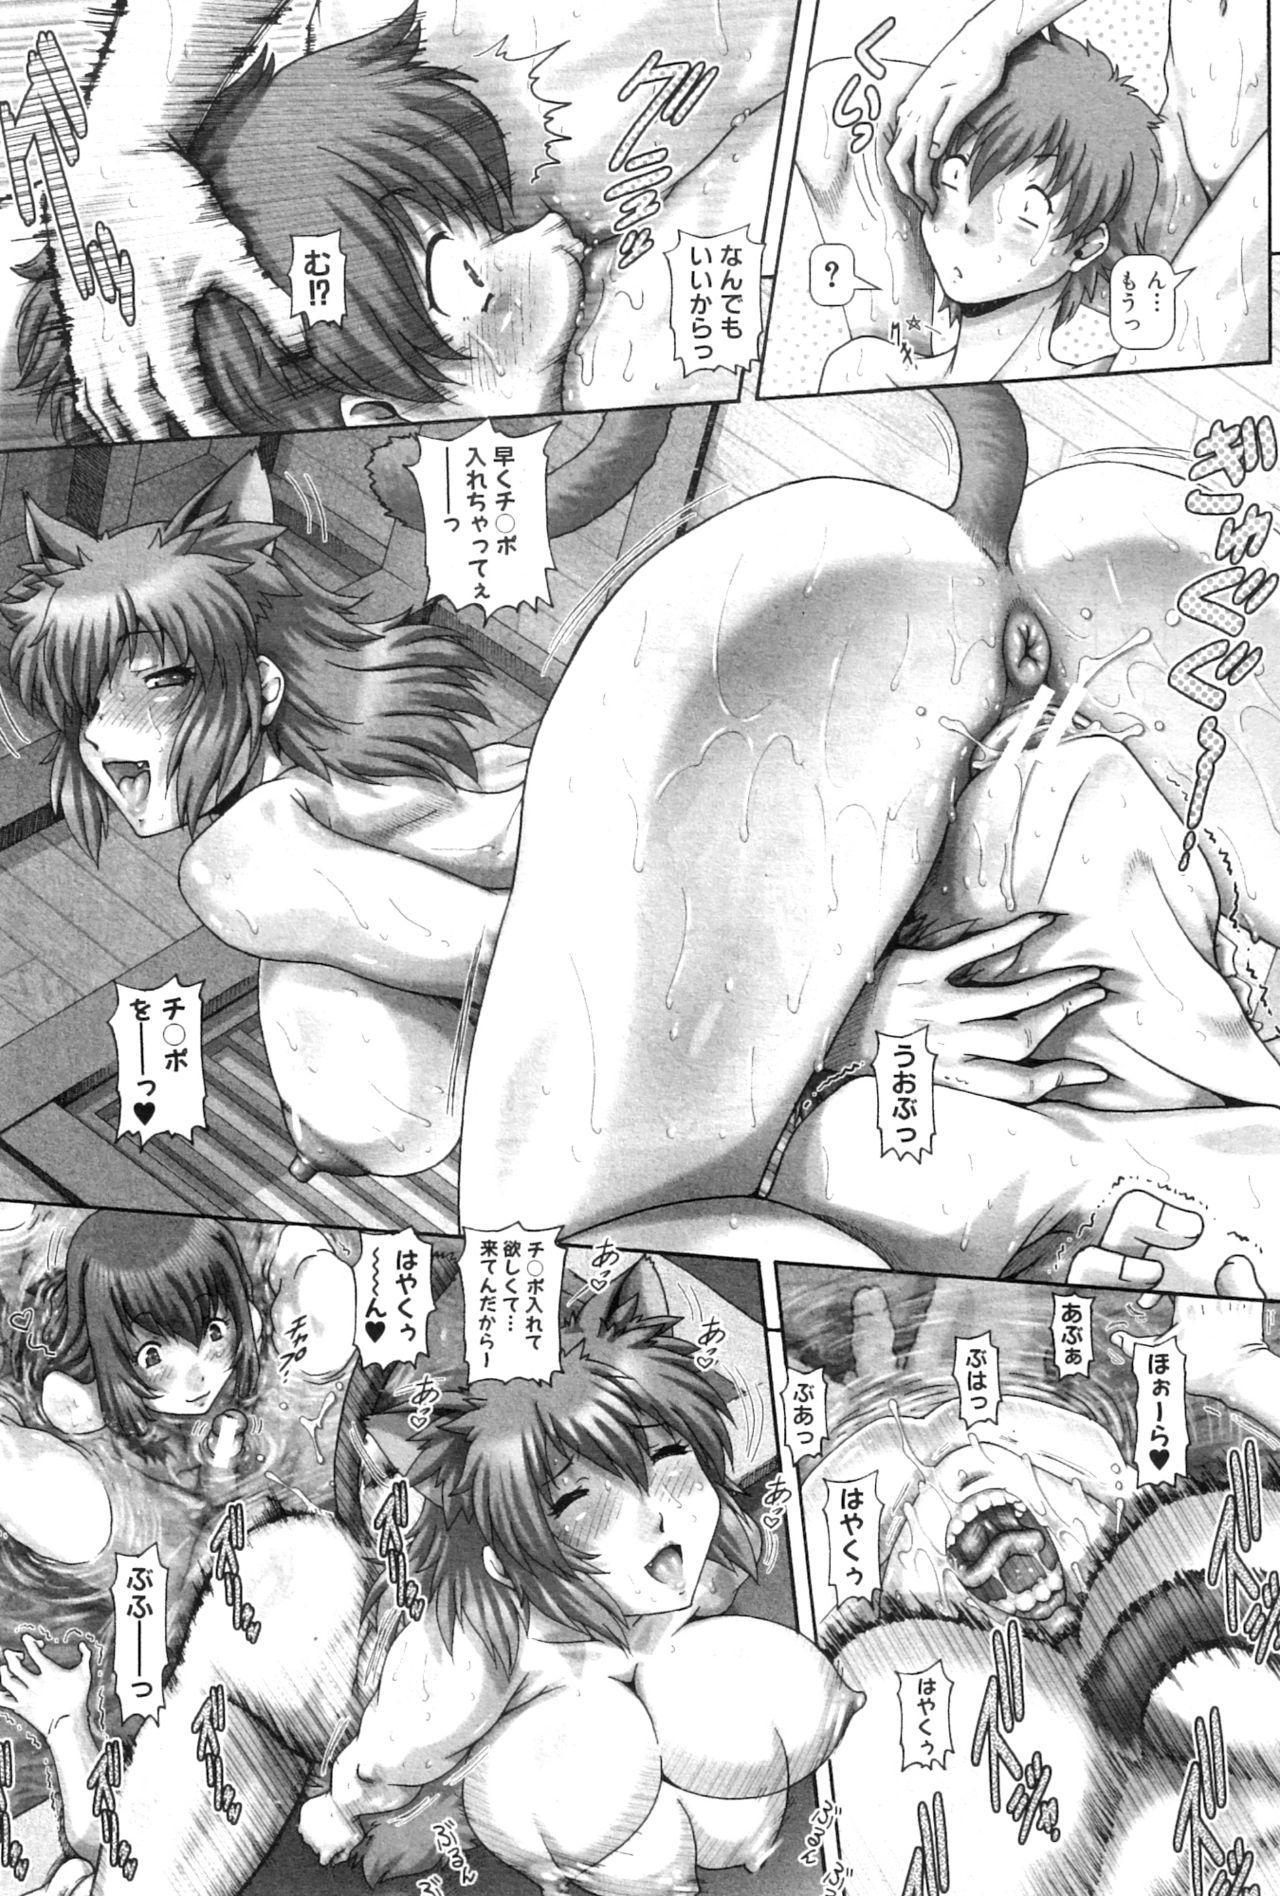 Ayakashiyakata no Tamahime 119